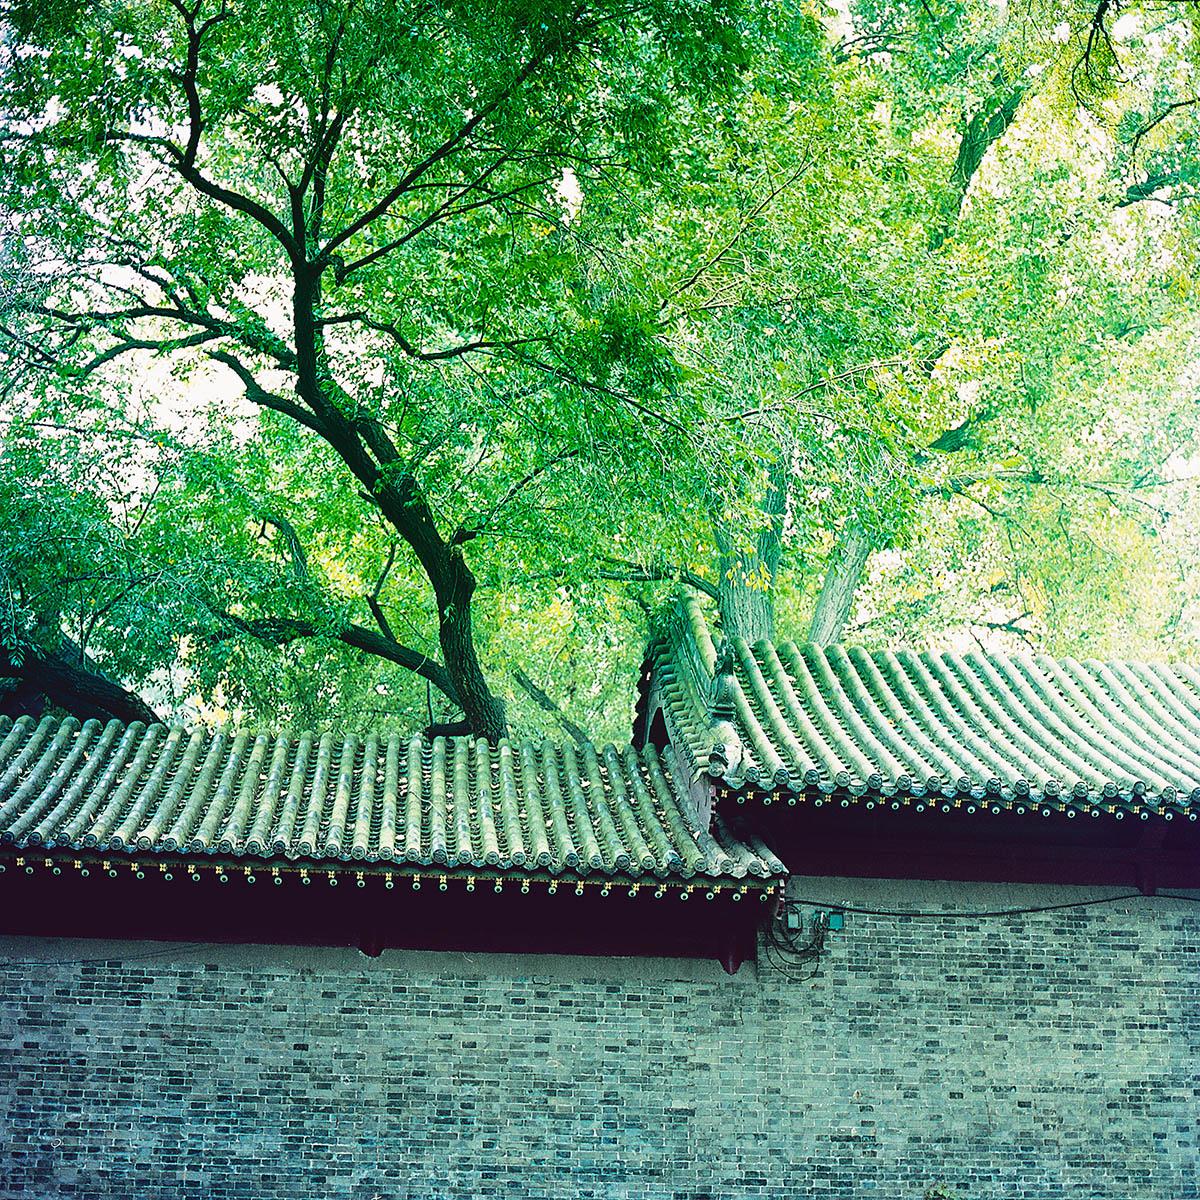 春风十里,不如你 @sparklee-菲林中文-独立胶片摄影门户!